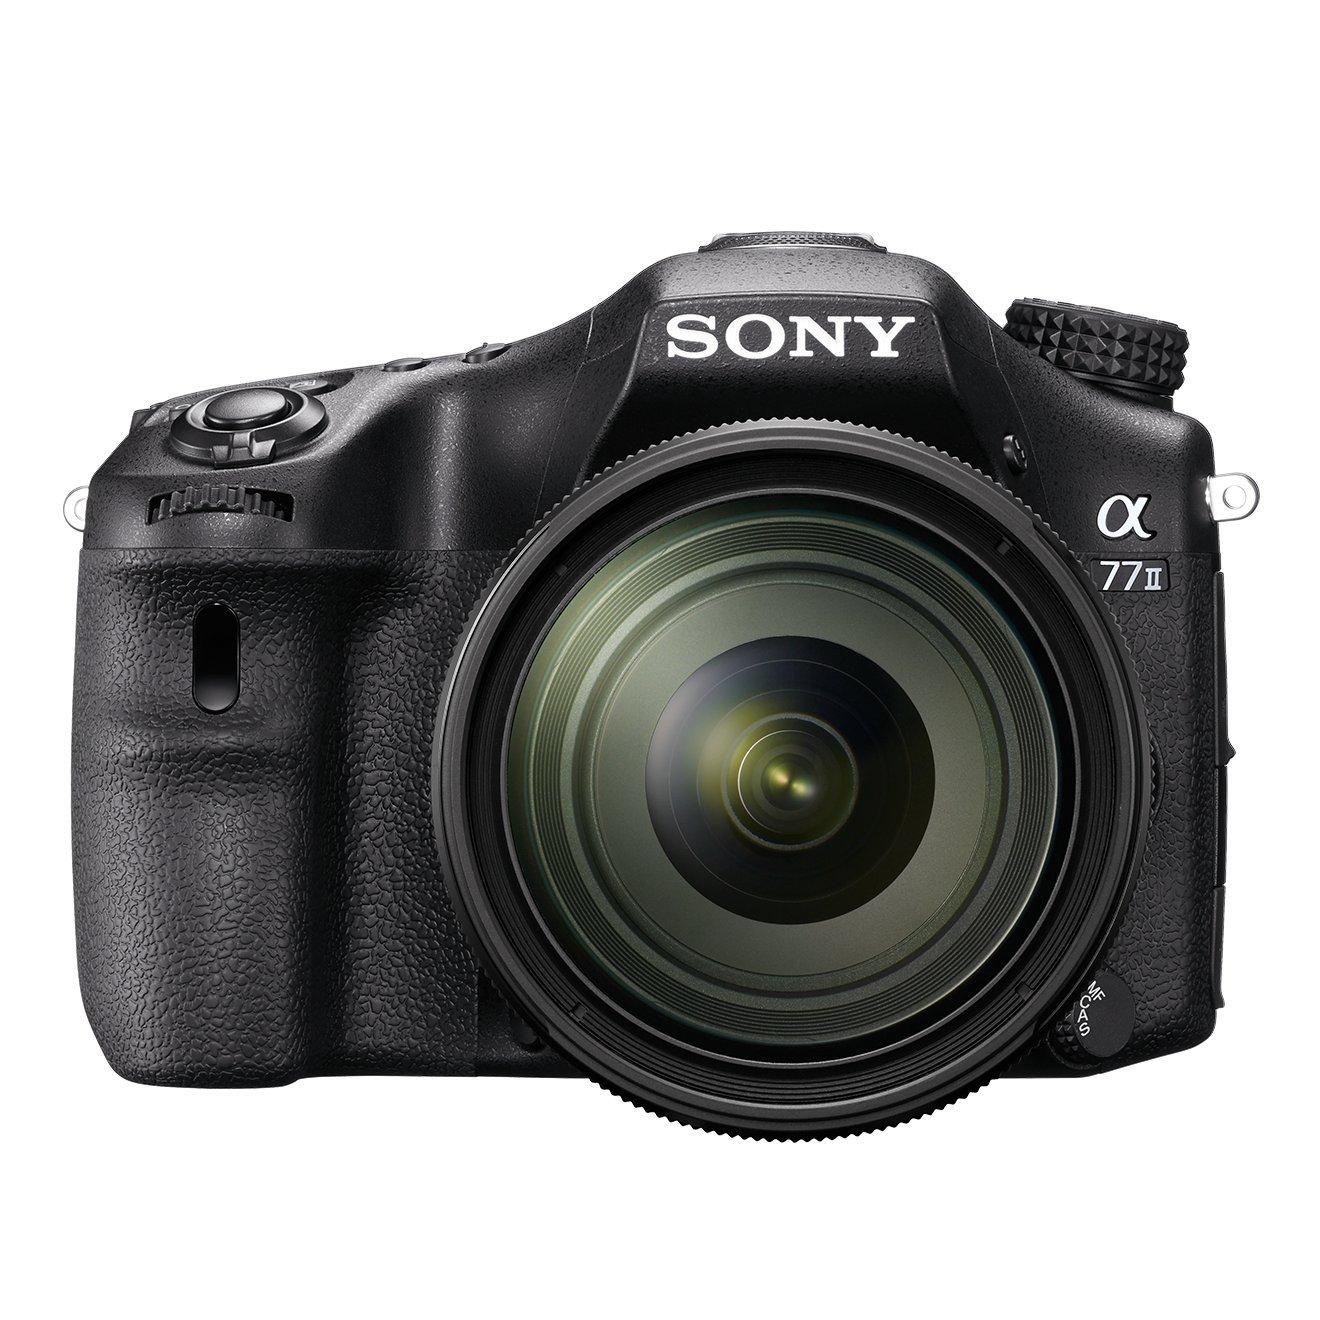 Sony ILCA Alpha 77 IIQ SLR 24,3 MP inkl. SAL-1650 Objektiv